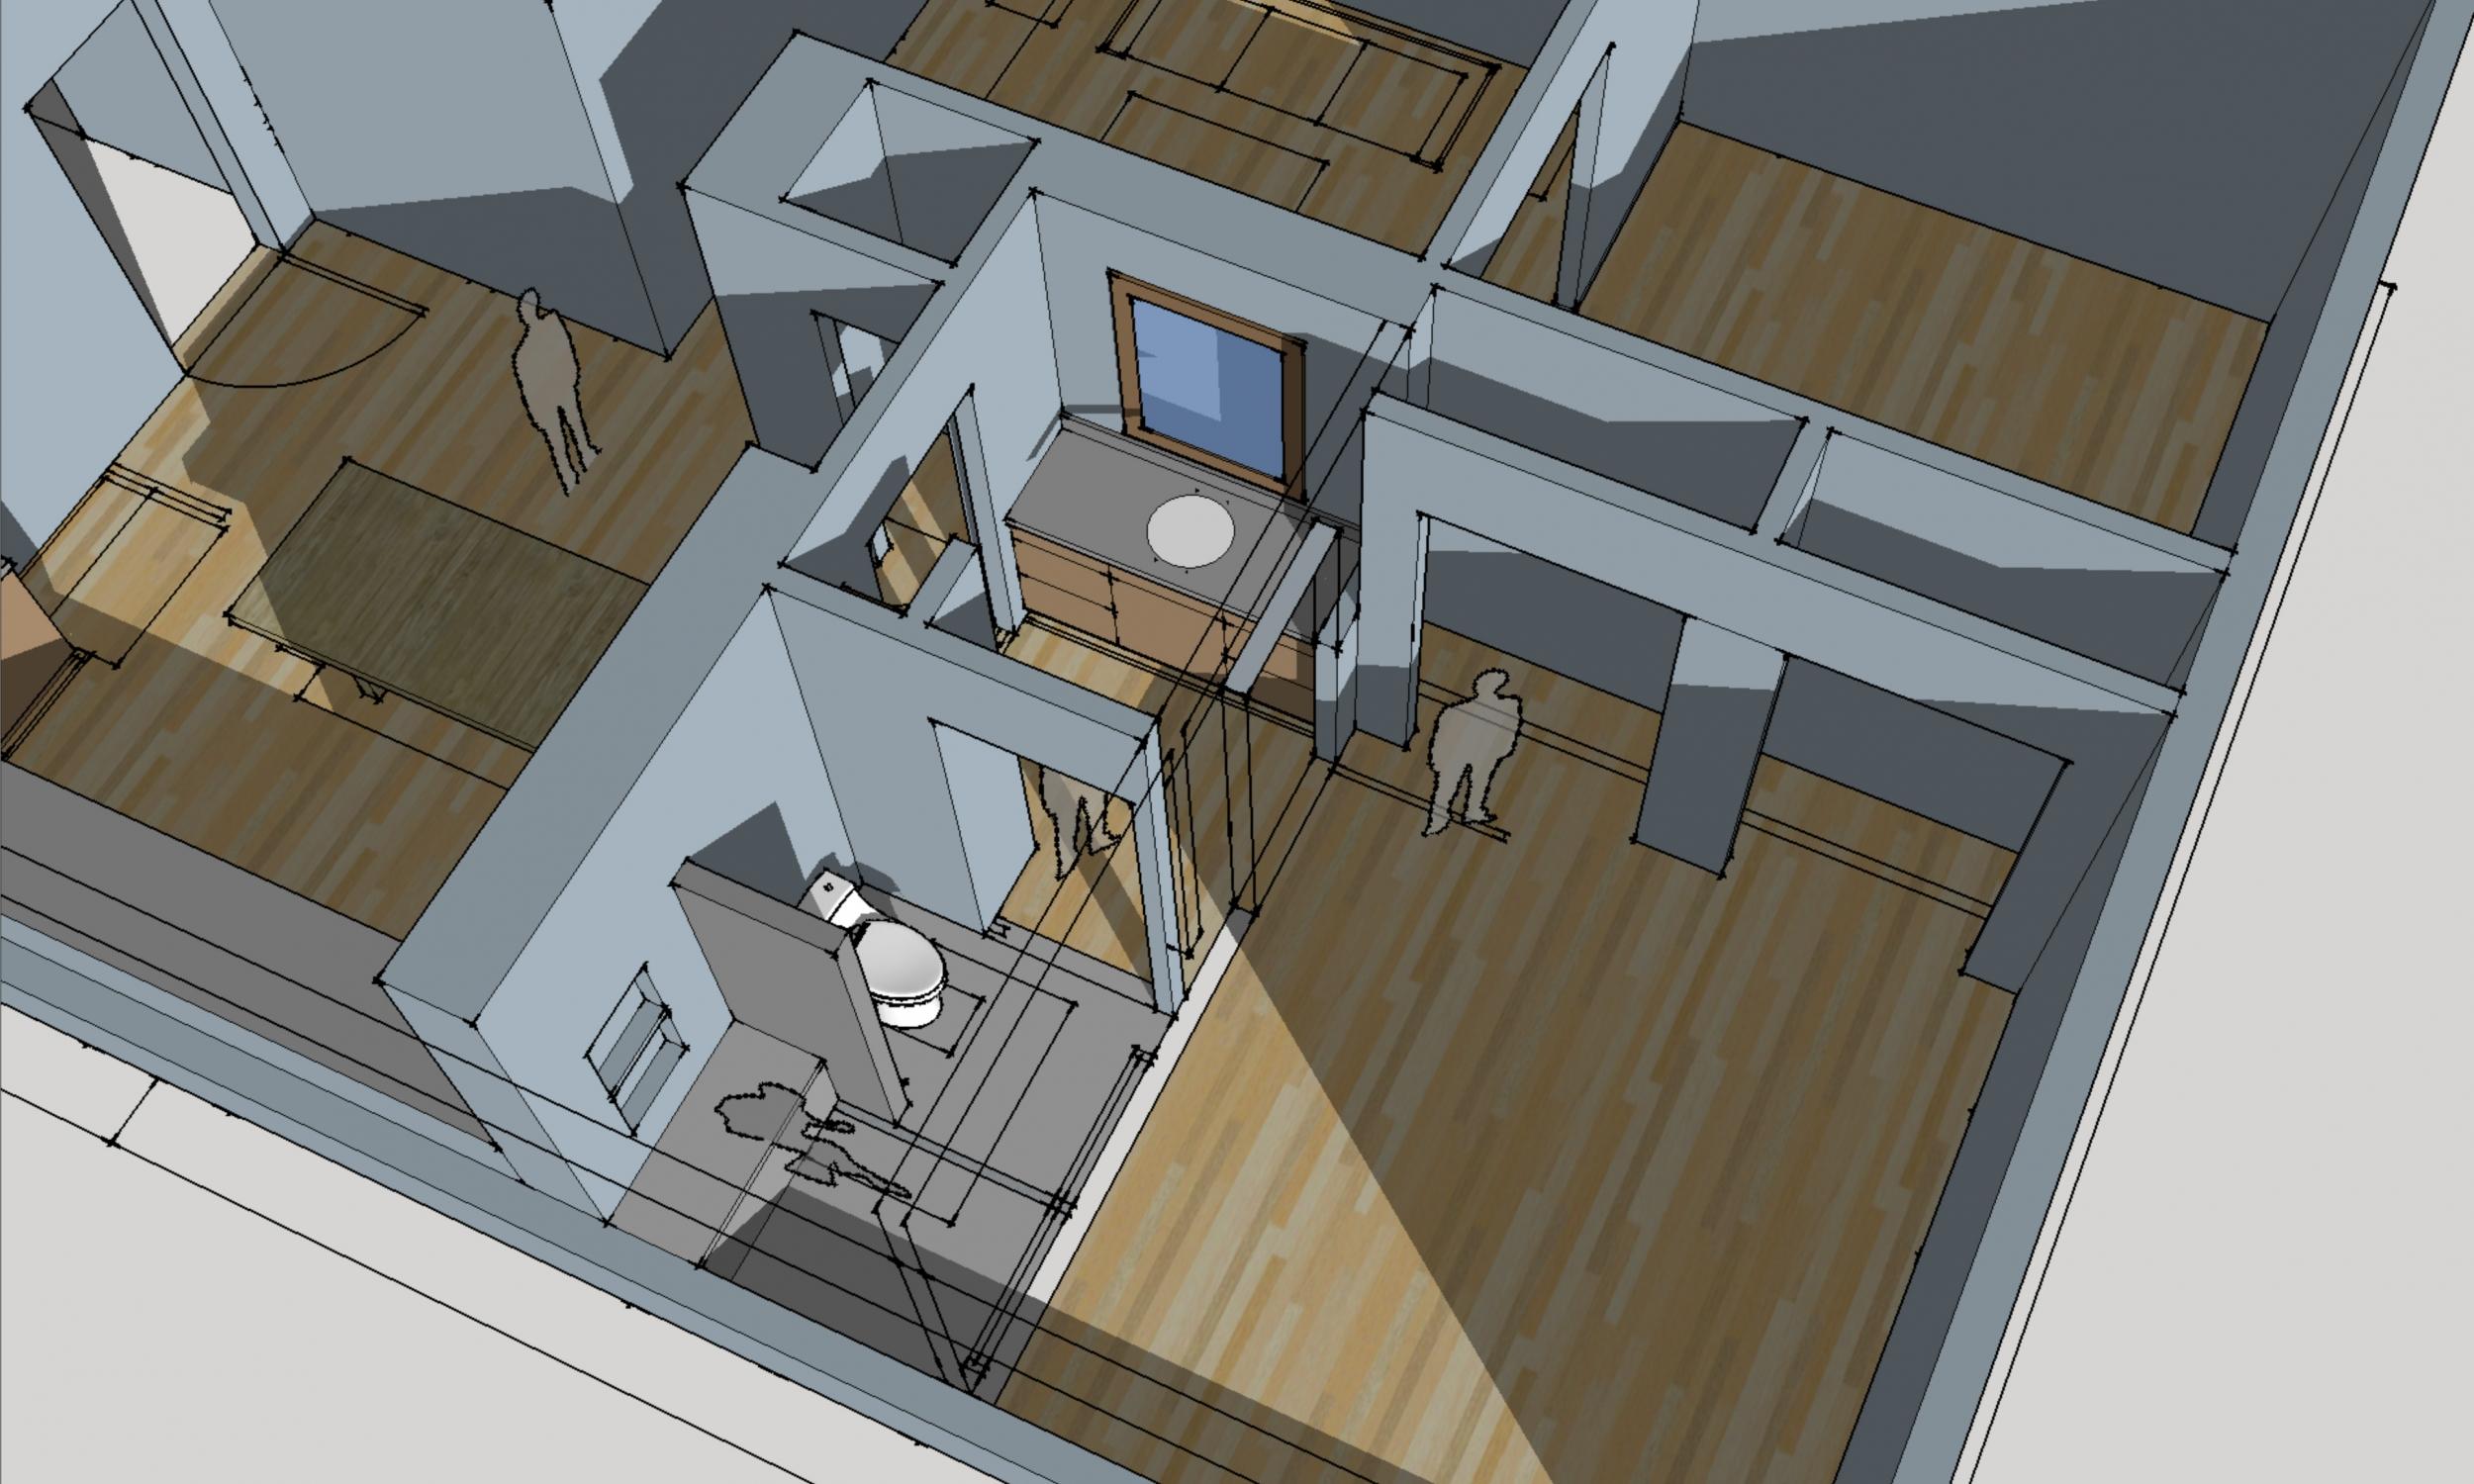 Falmouth Farmhouse Design Rendering